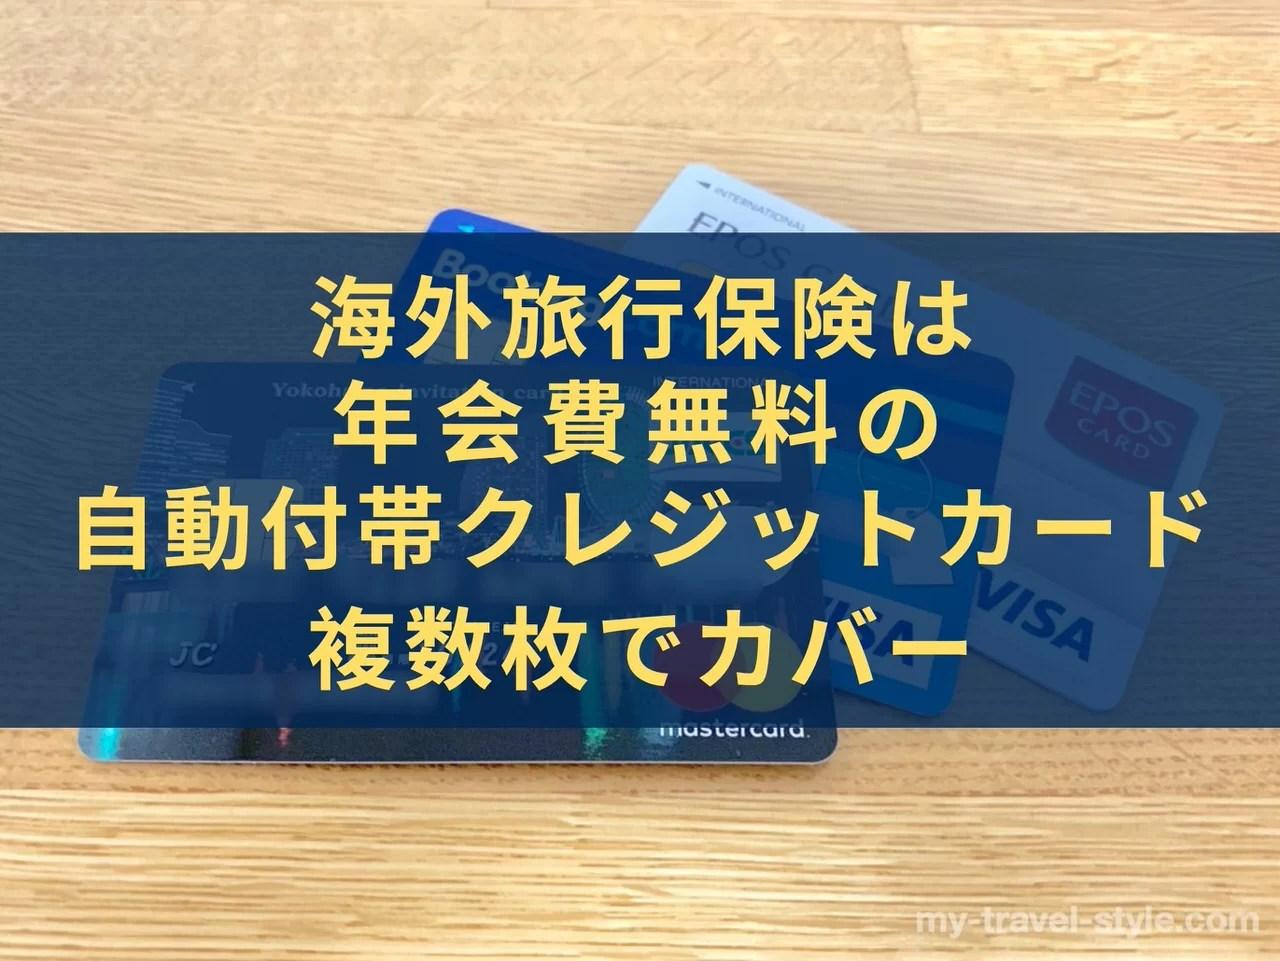 海外旅行保険は年会費無料の自動付帯クレジットカード複数枚でカバー